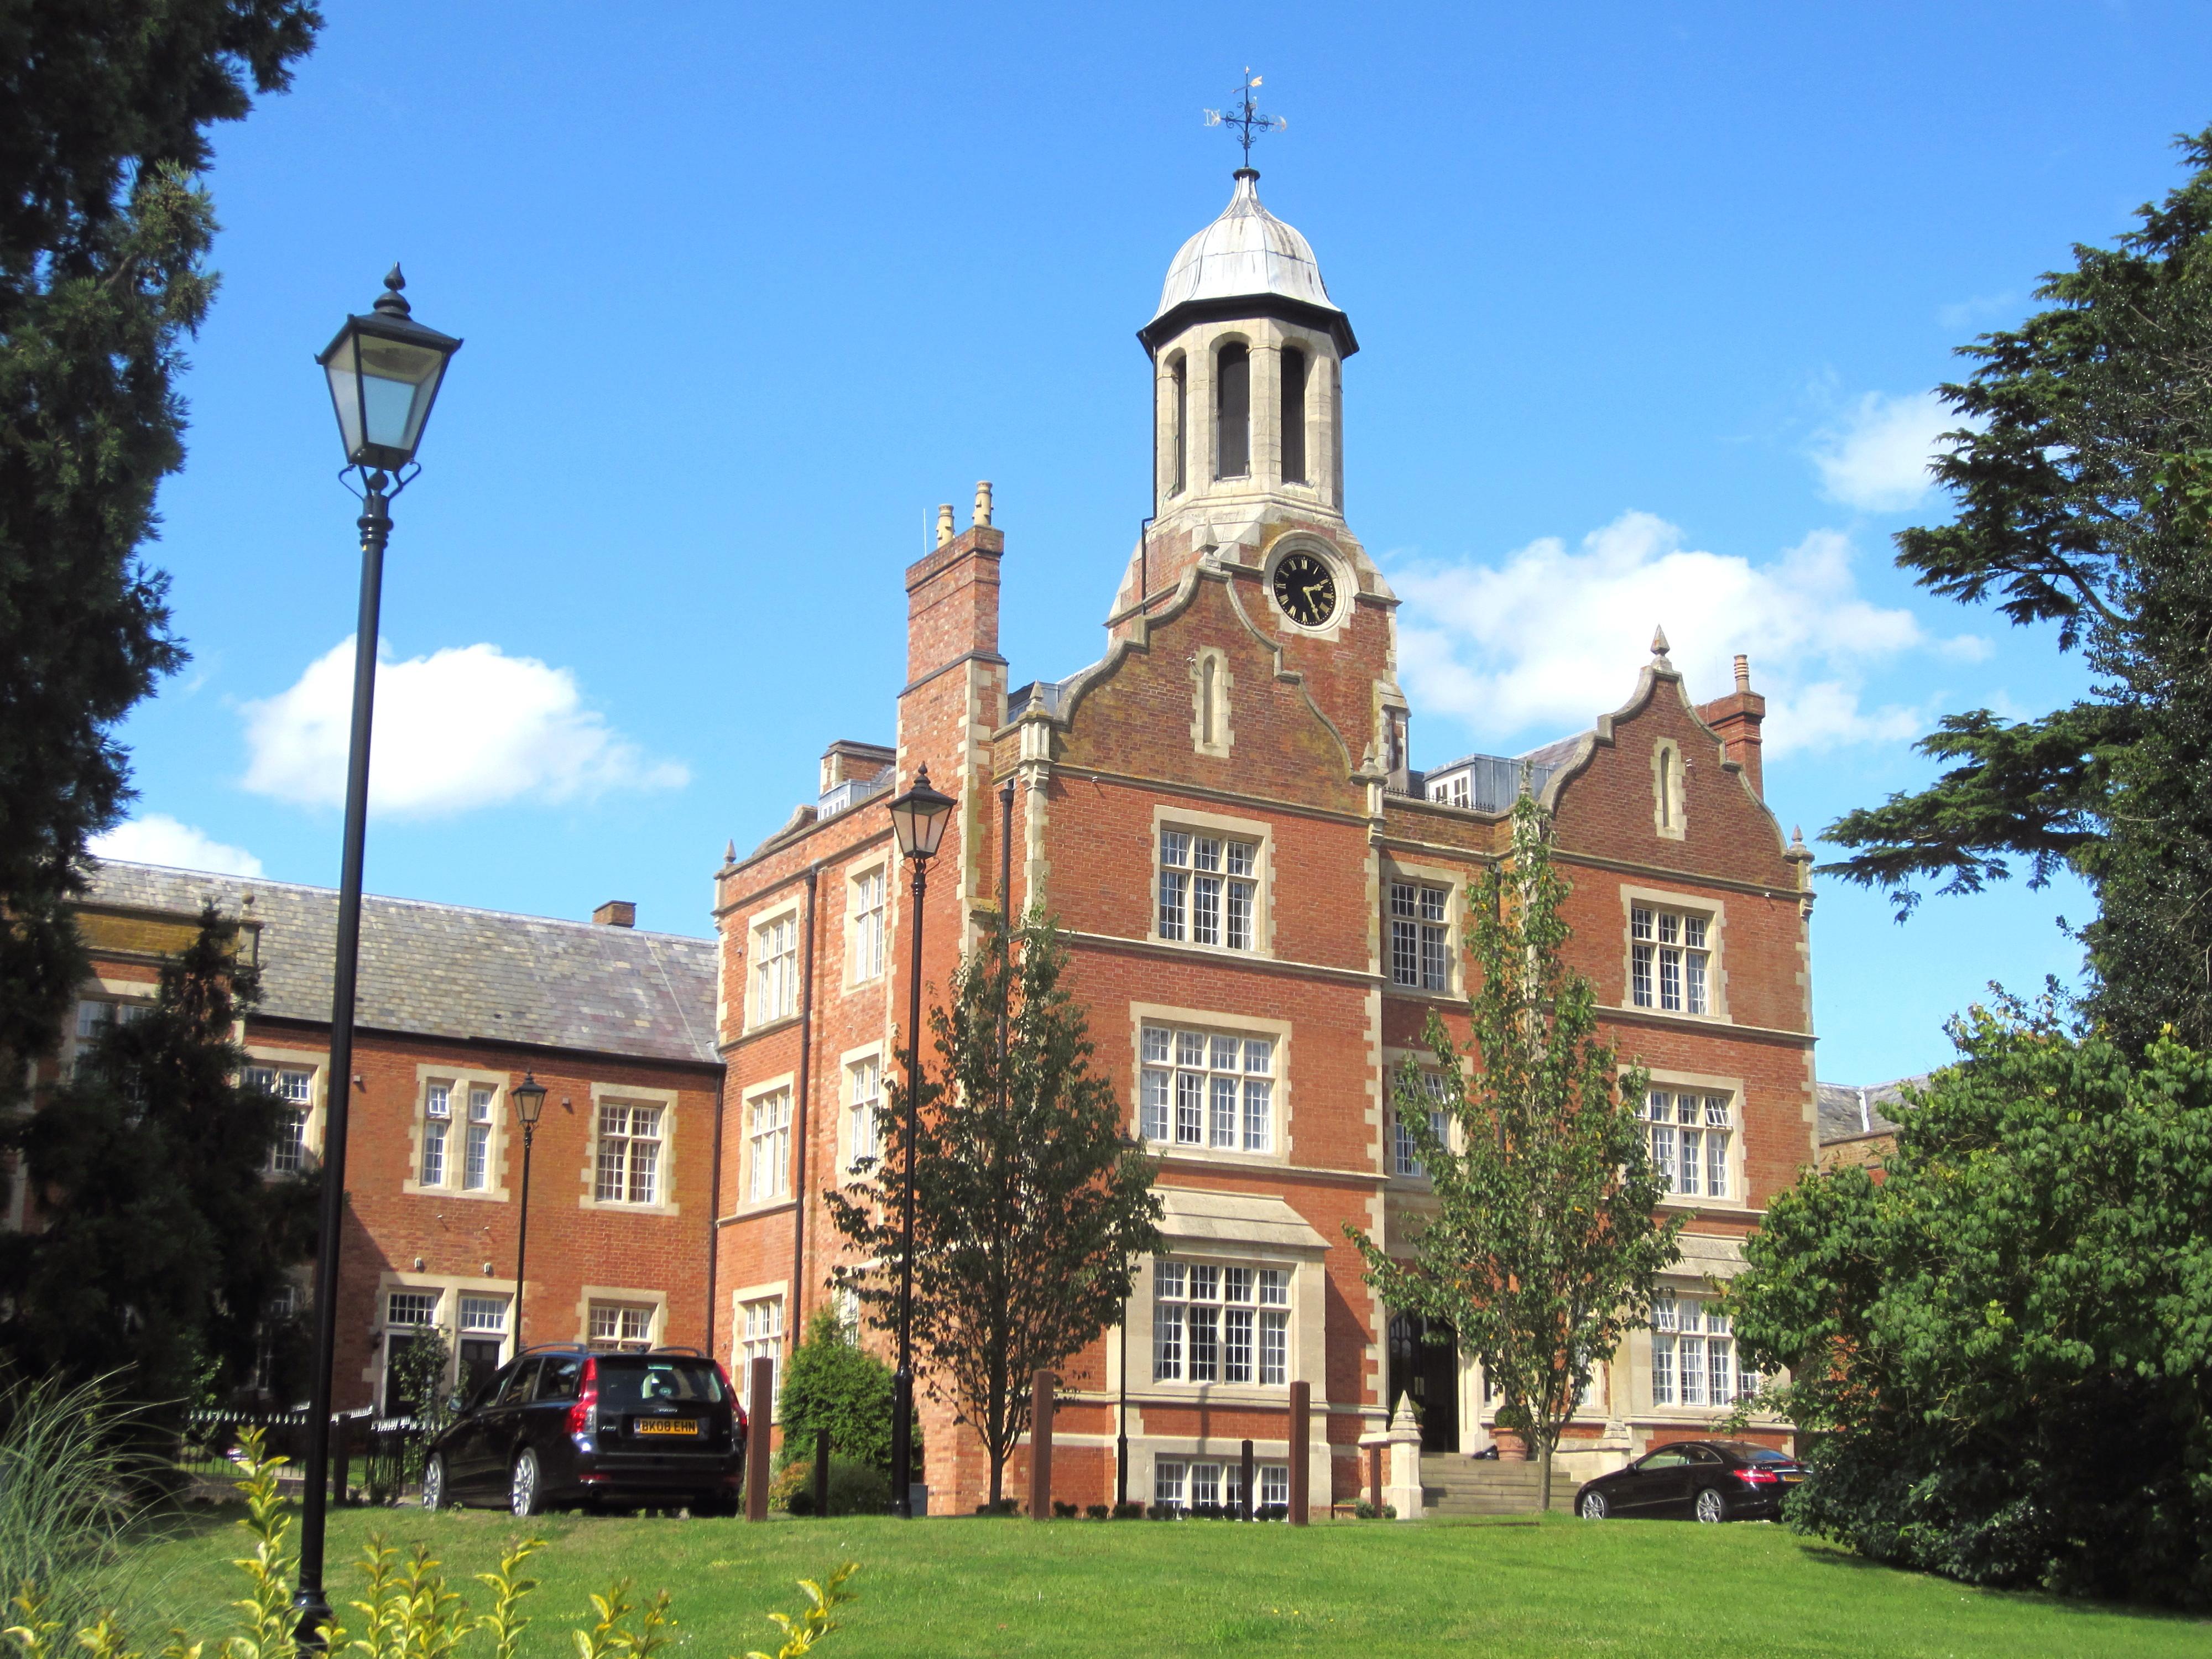 Hatton County Lunatic Asylum Our Warwickshire